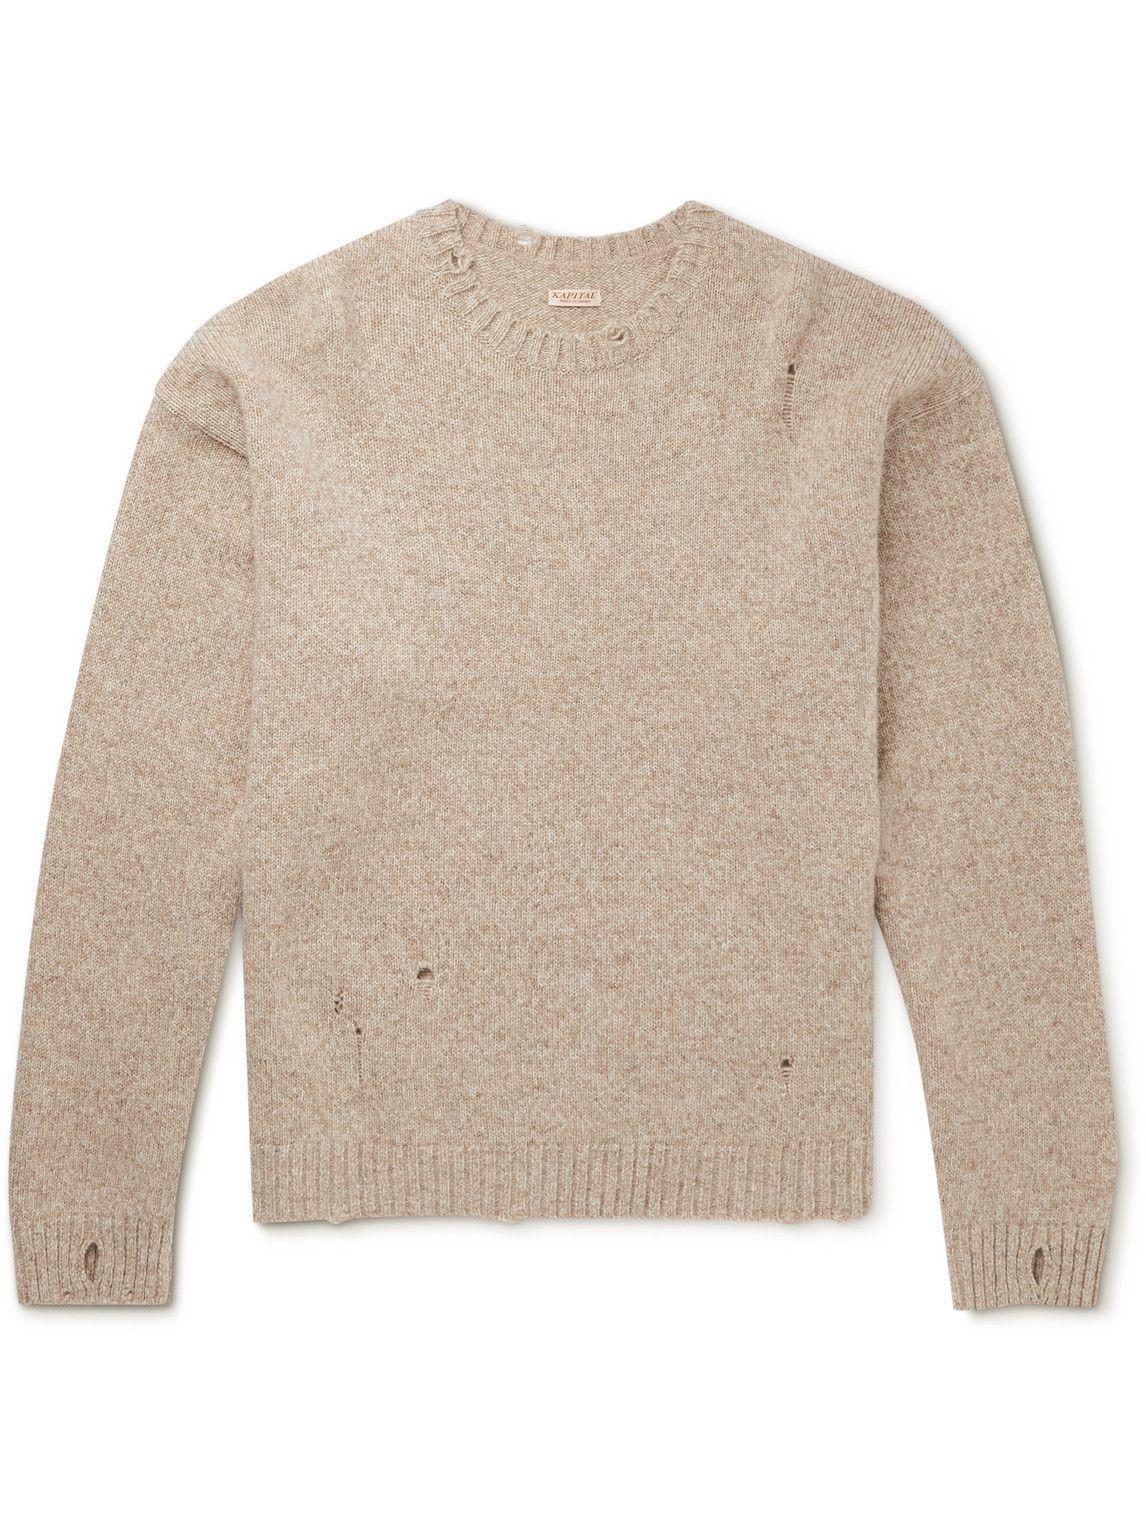 Photo: KAPITAL - Distressed Intarsia Wool Sweater - Neutrals